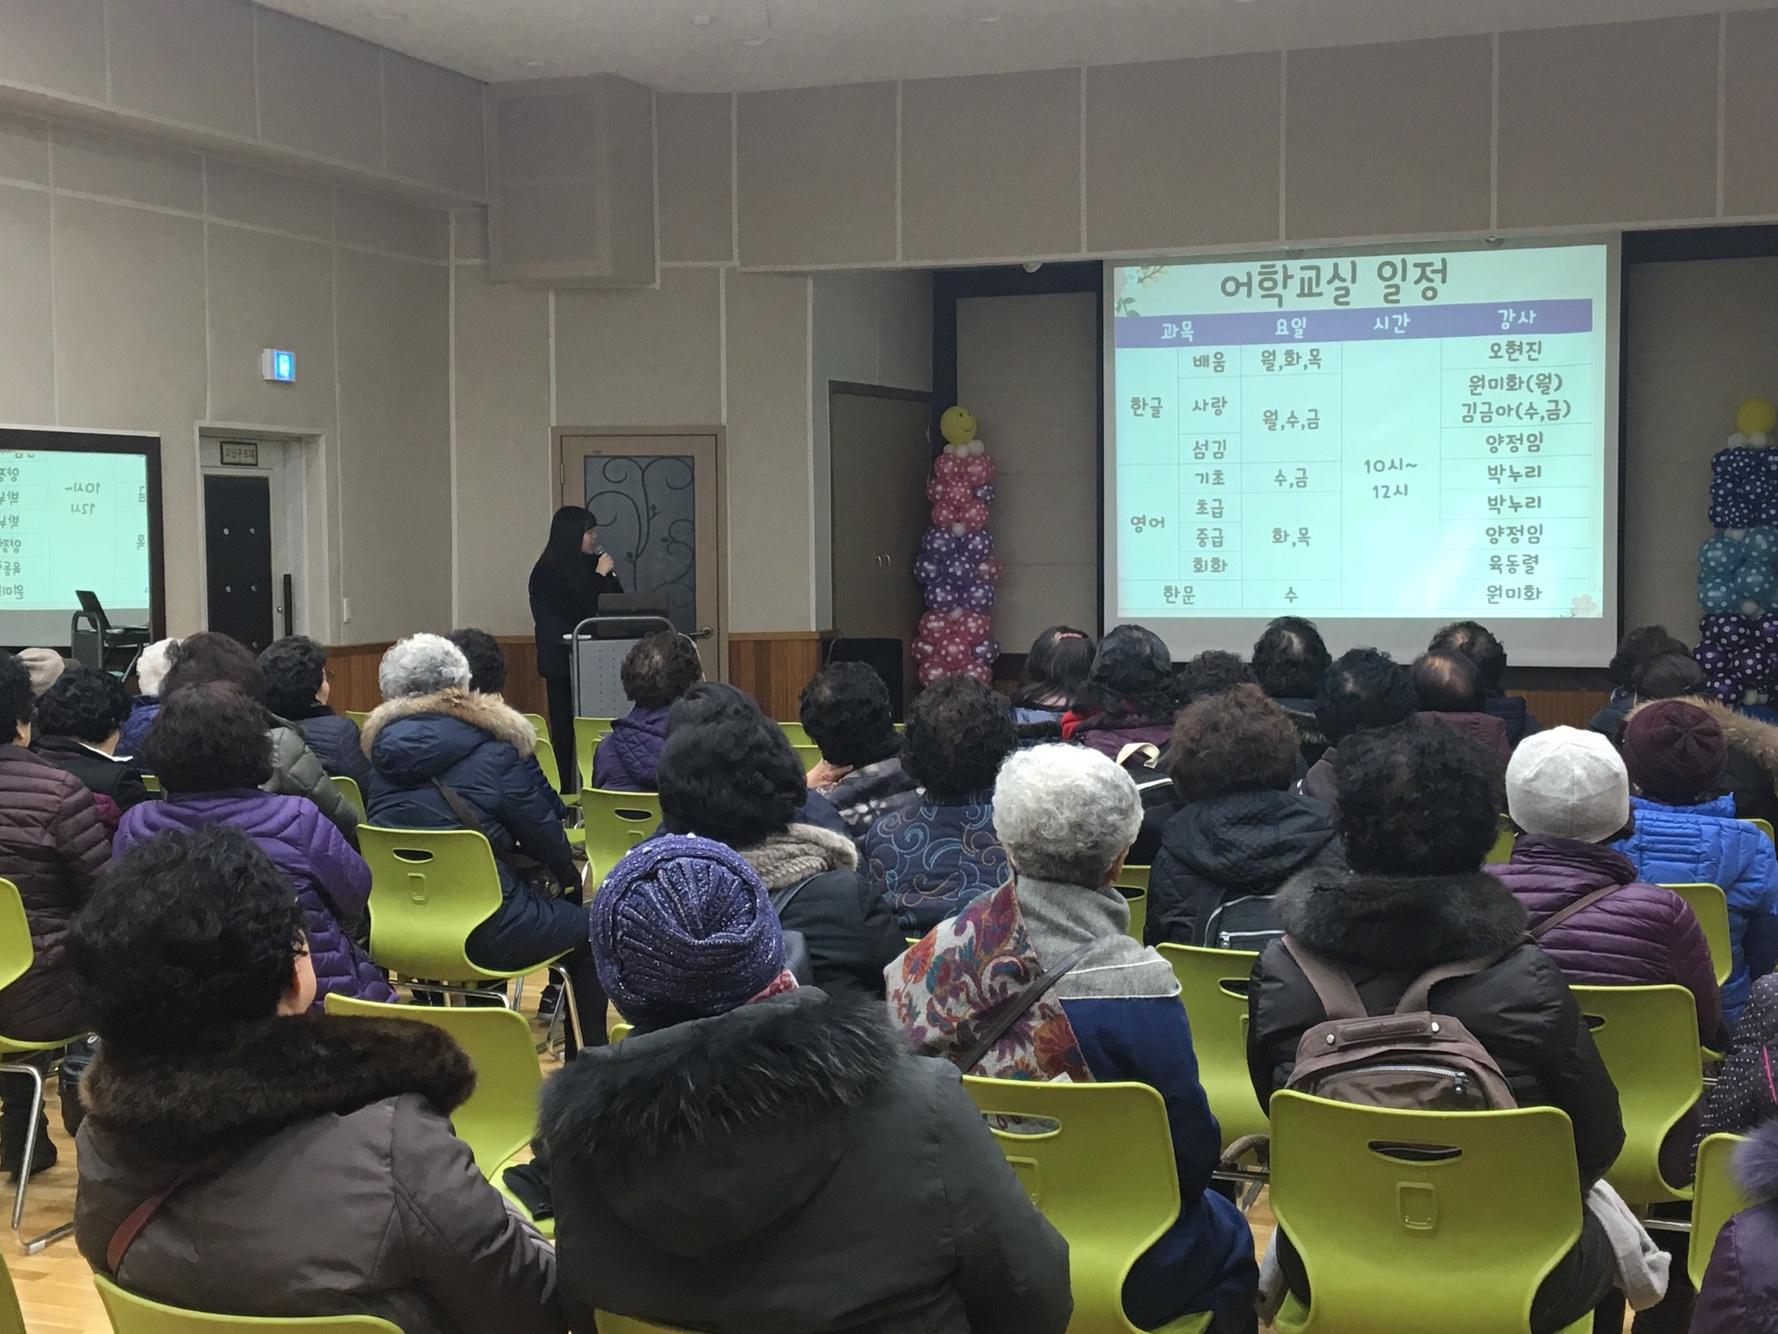 [서비스제공1] 2018년 어학교실 개학